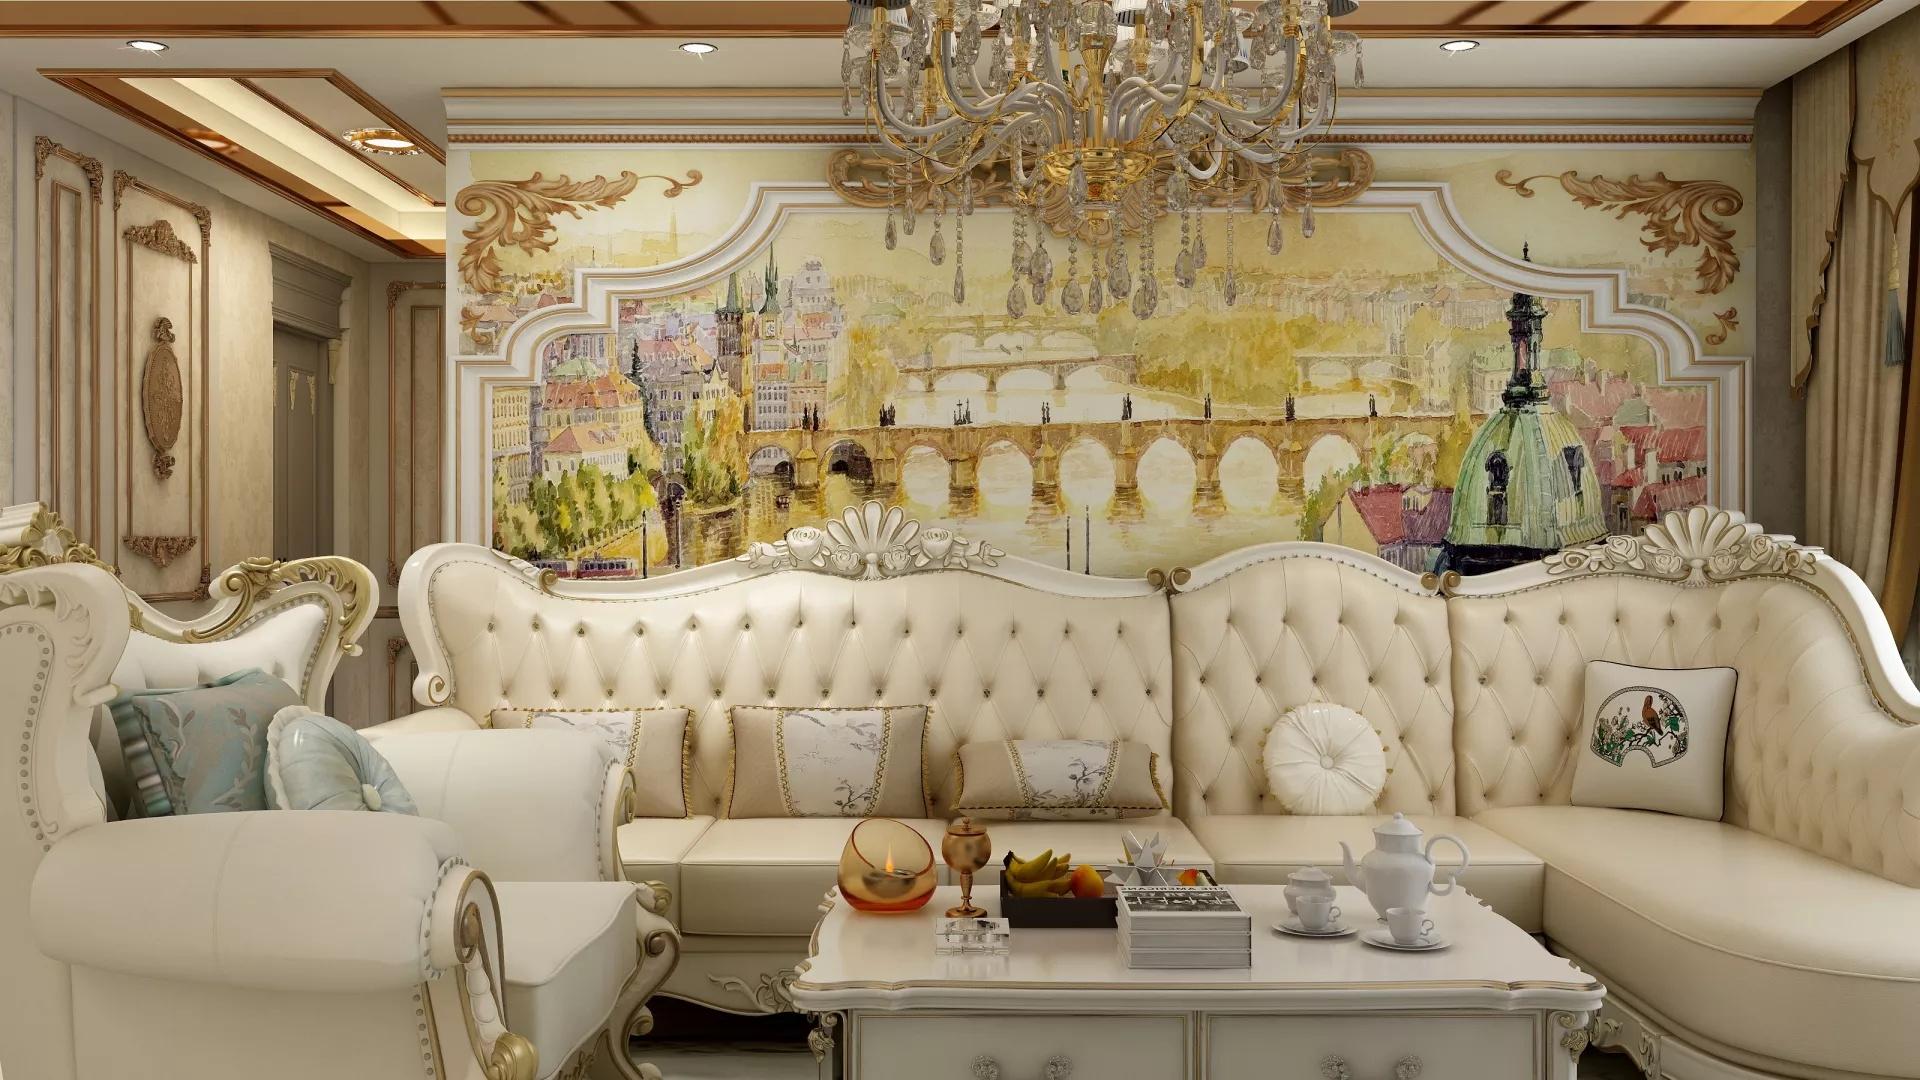 家庭装修墙面材料有哪些 家庭装修墙面材料分类